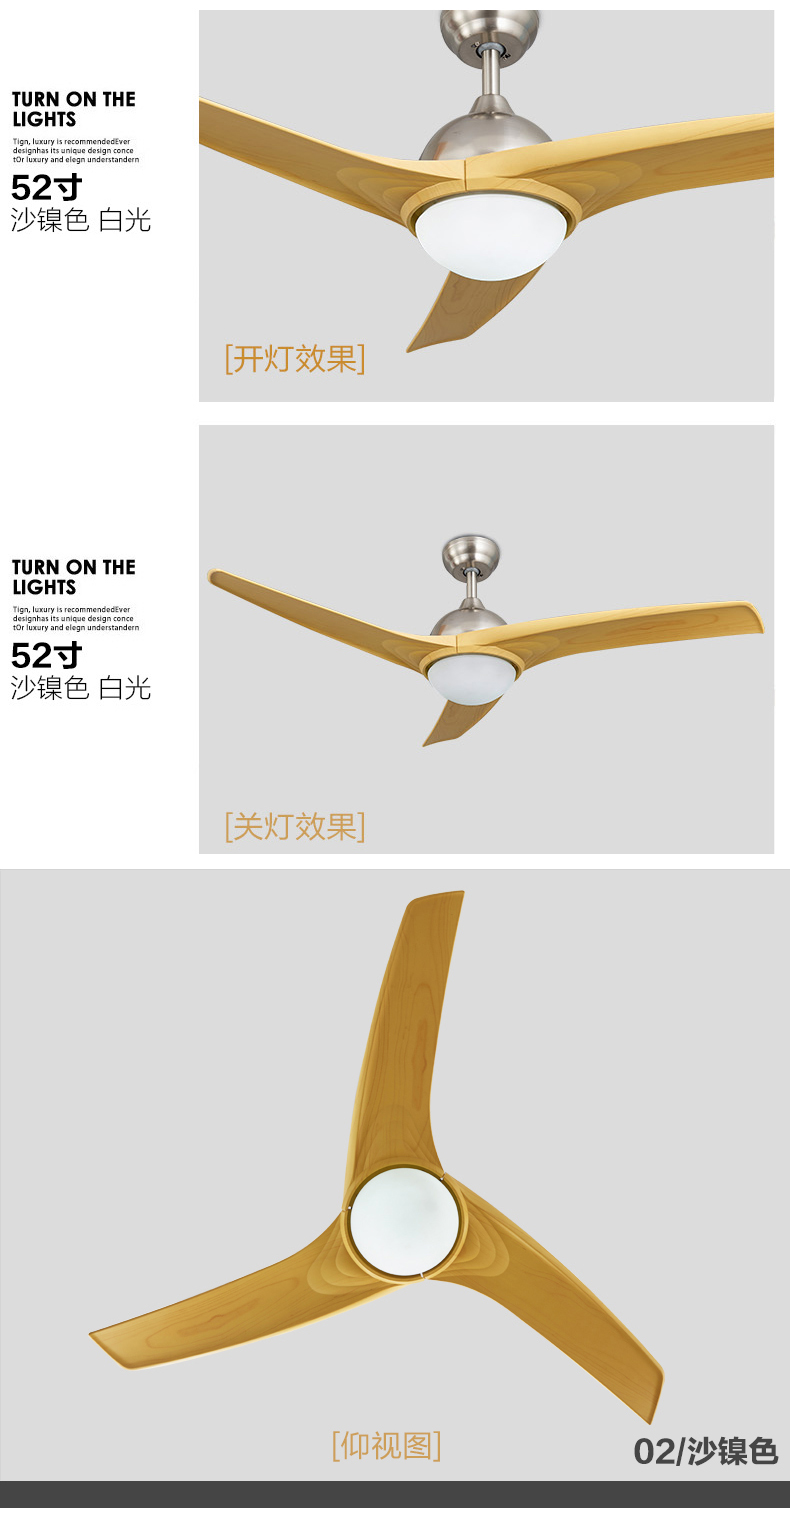 Stil: Europäische Luxus FÜHRTE Deckenventilator Licht, Moderne Mode FÜHRTE  Fan Lichter. 36020170711173114160 1281239384_1154420028